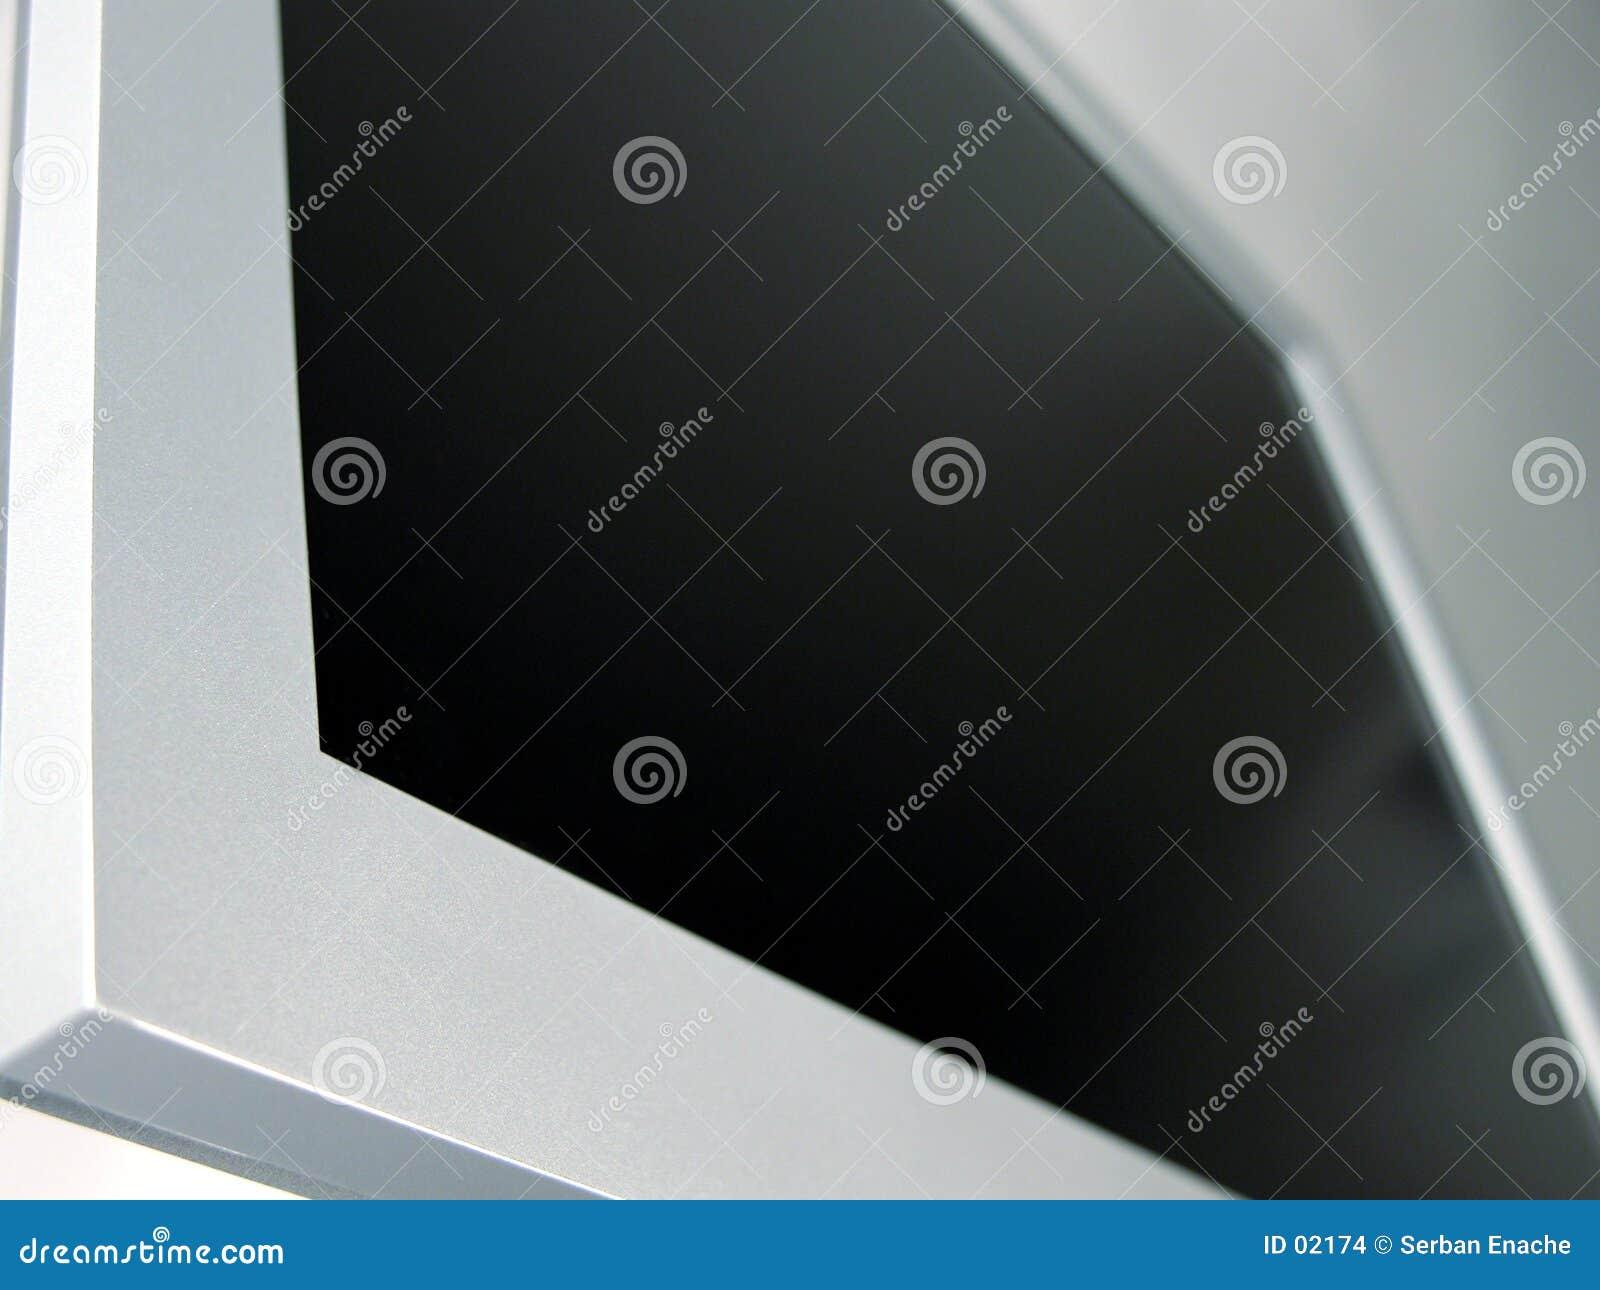 TFT - slim screen